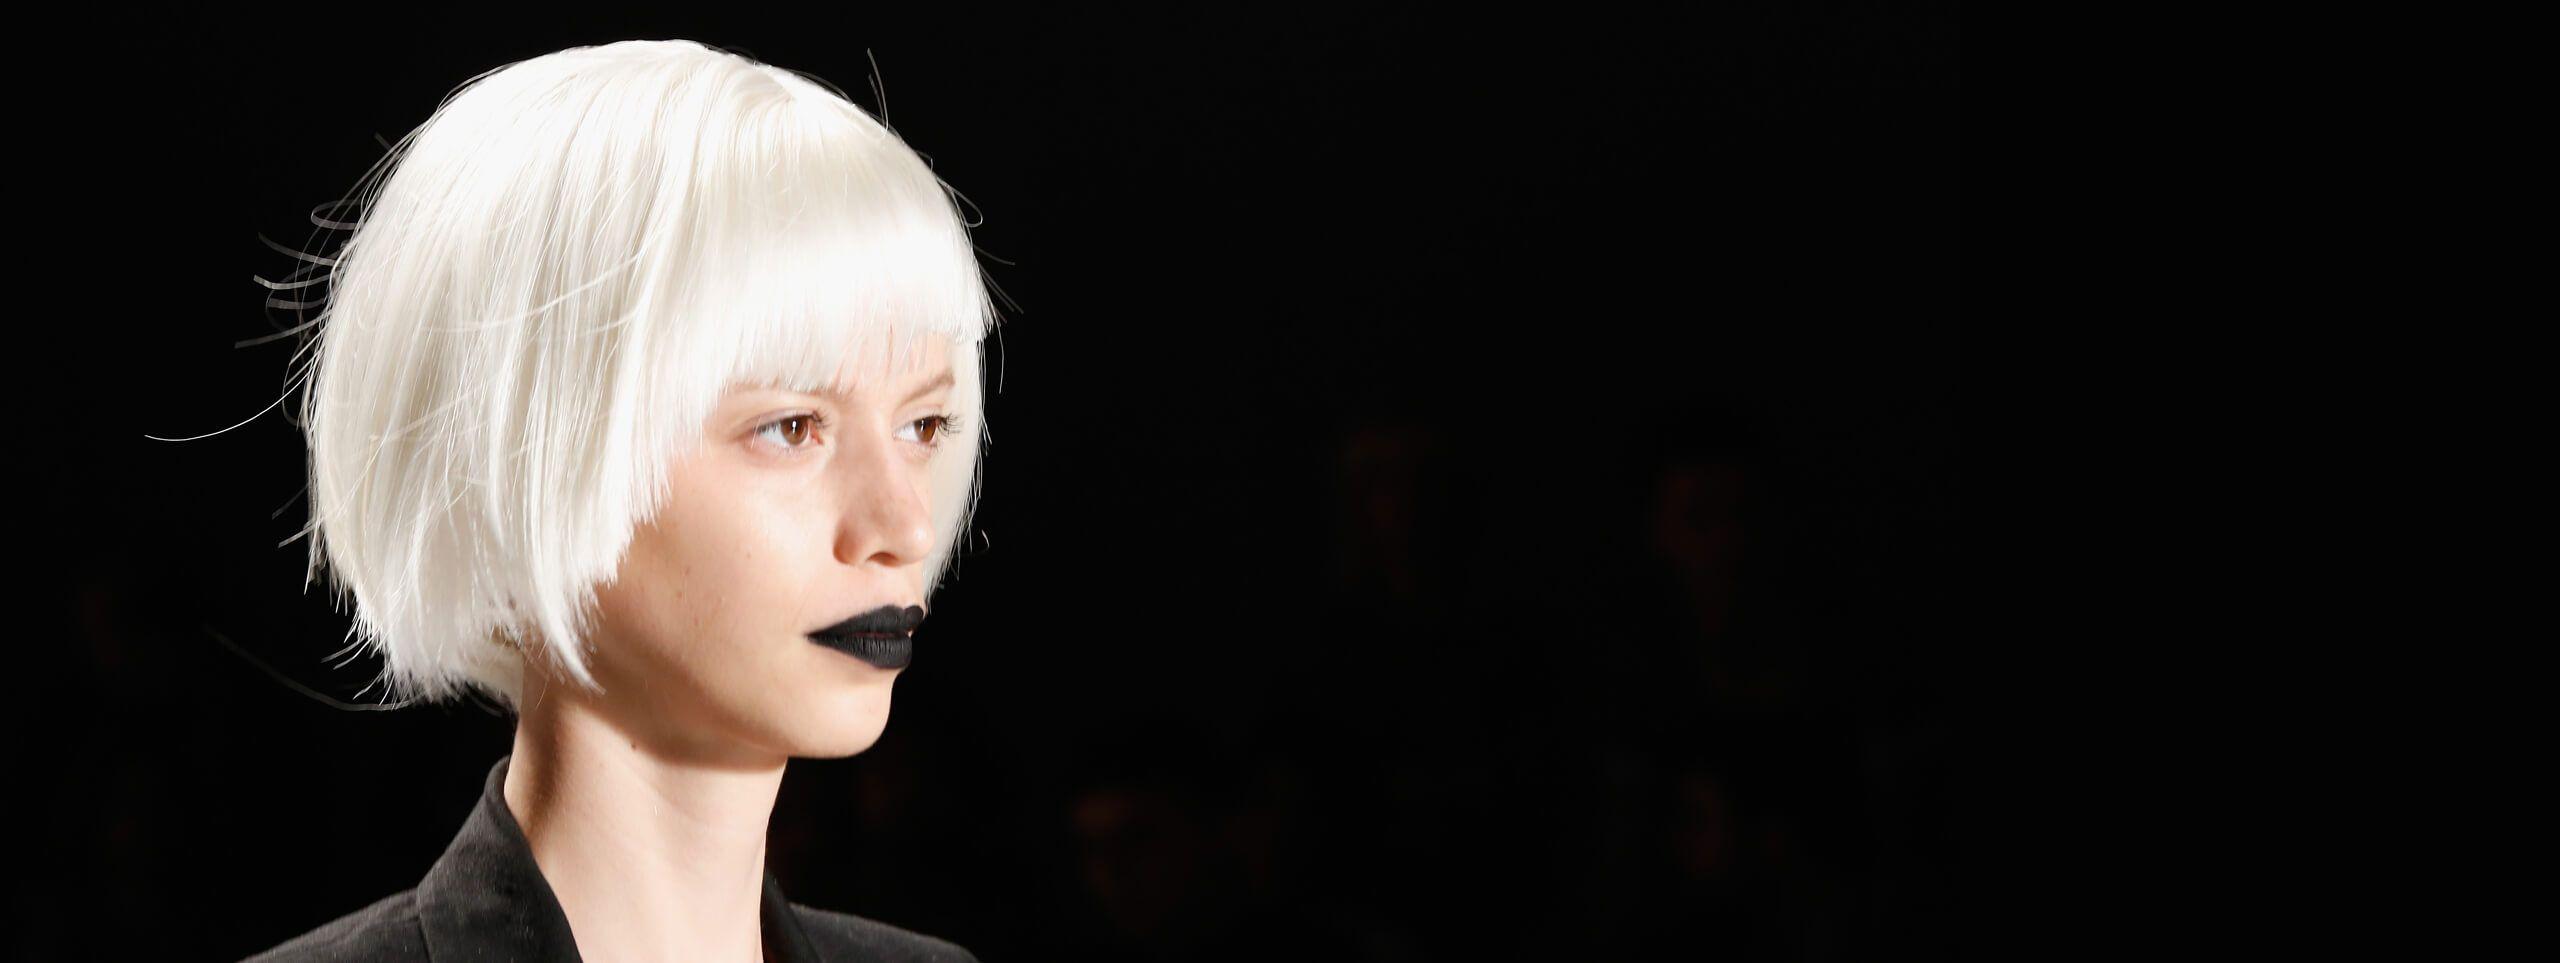 Modella con capelli colore bianco e rossetto nero